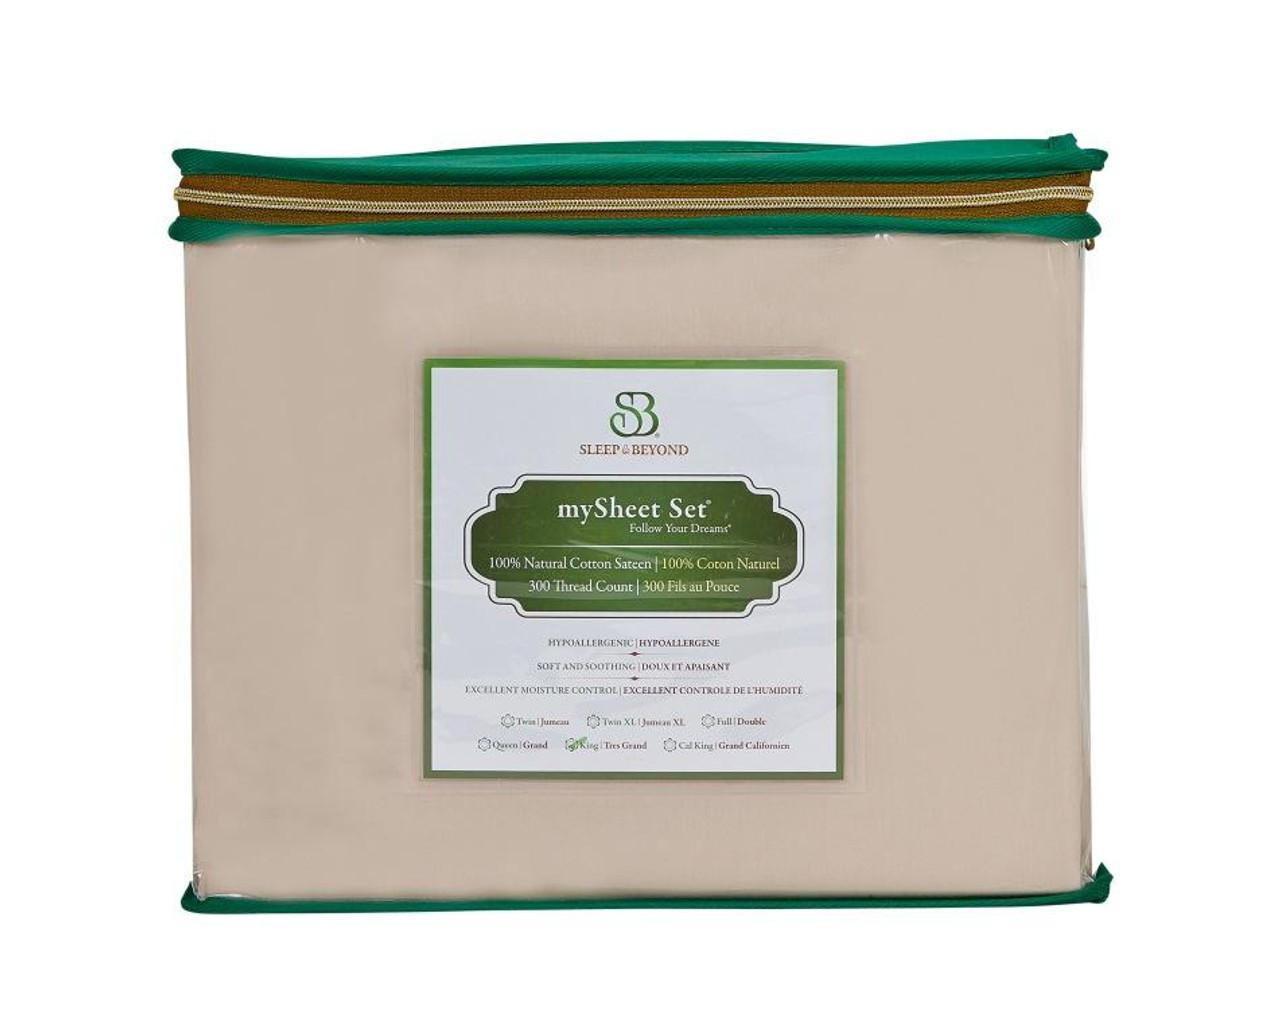 Sleep & Beyond mySheet Set 100% Natural Cotton Sheet Set, natural cotton bed sheets front package